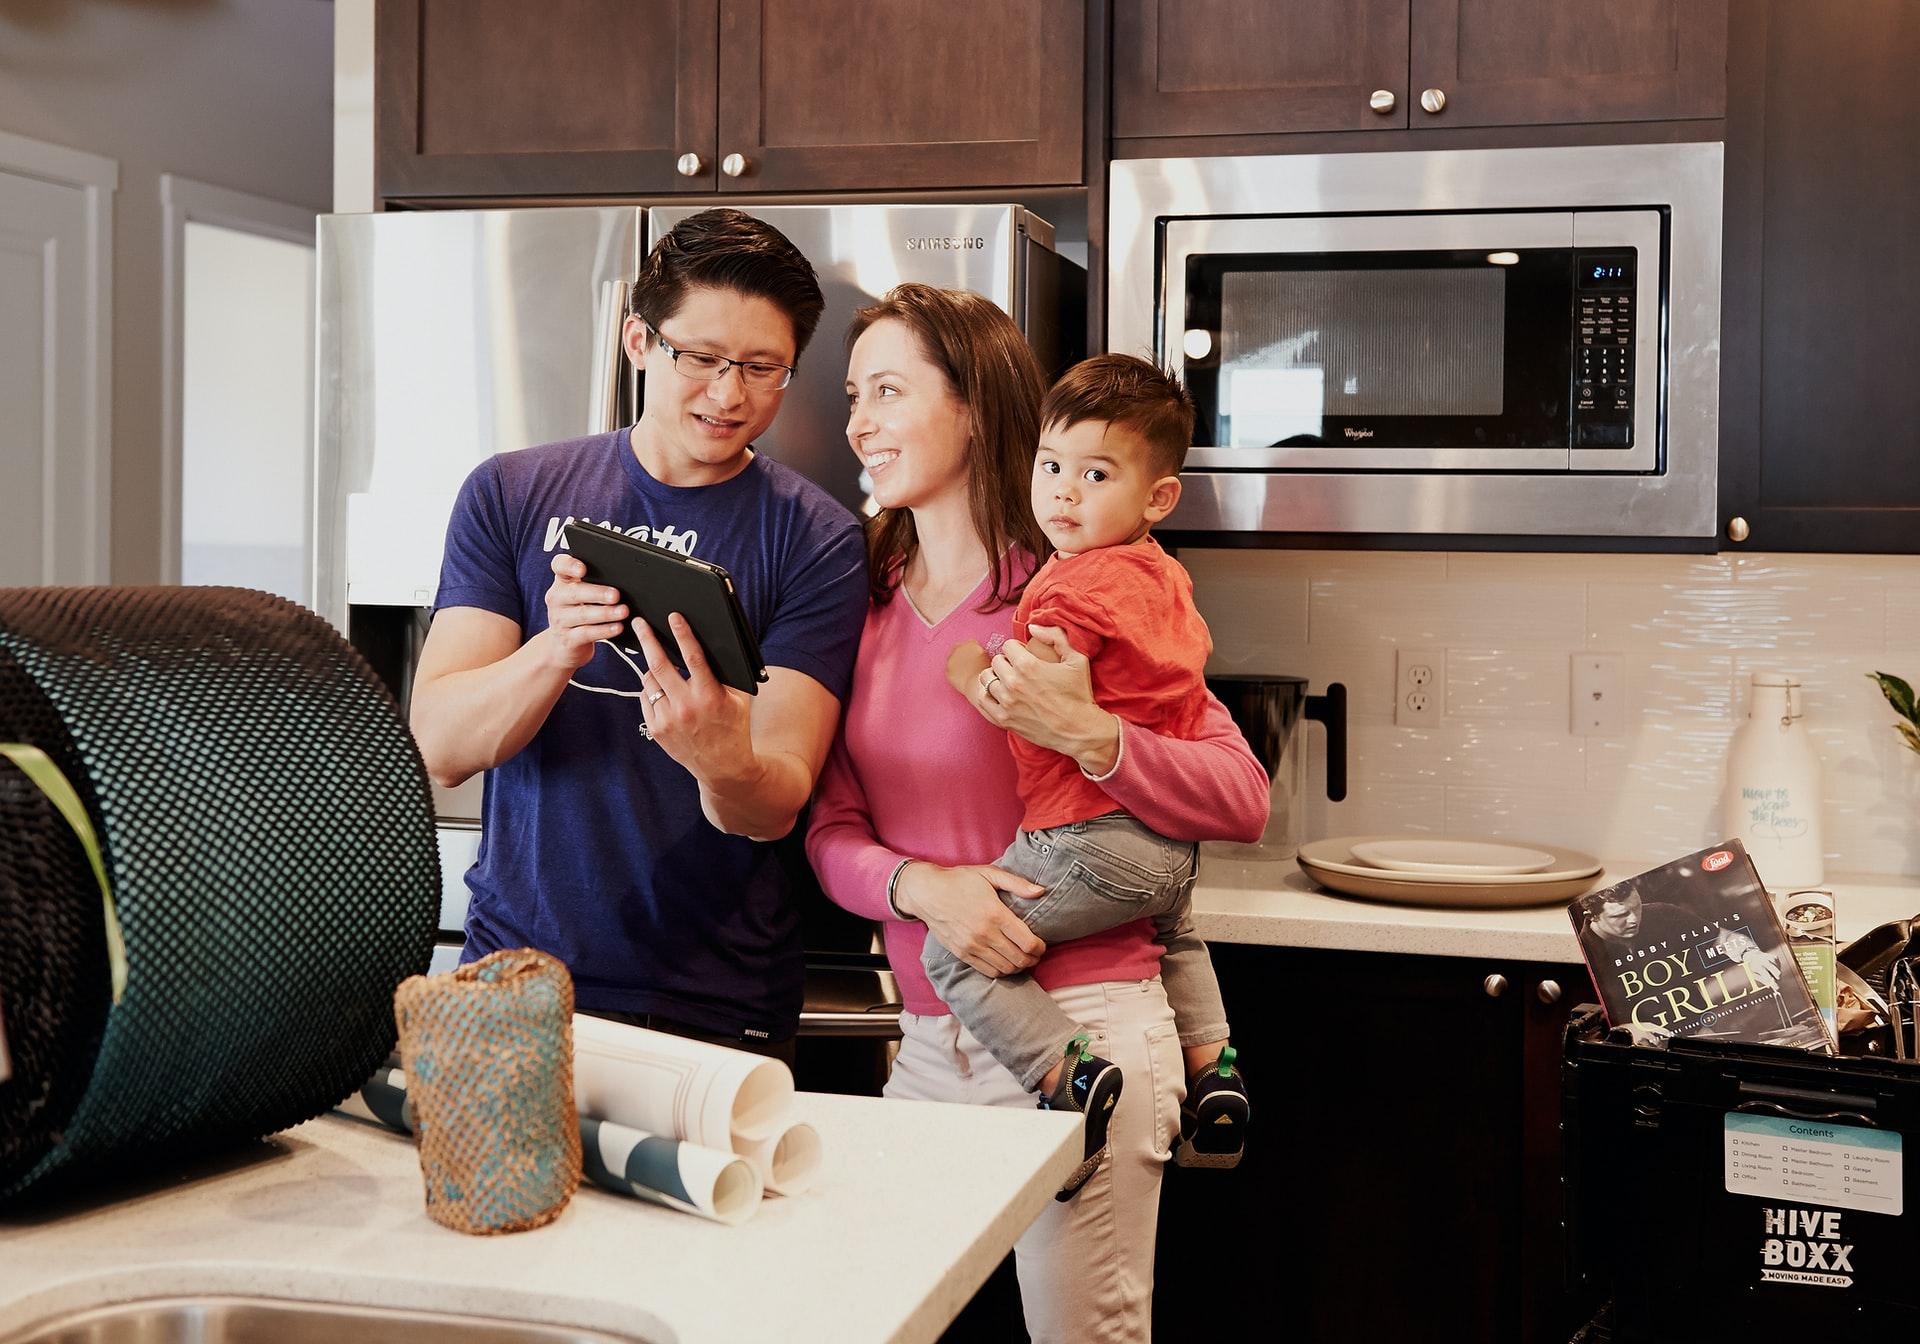 familia en cocina